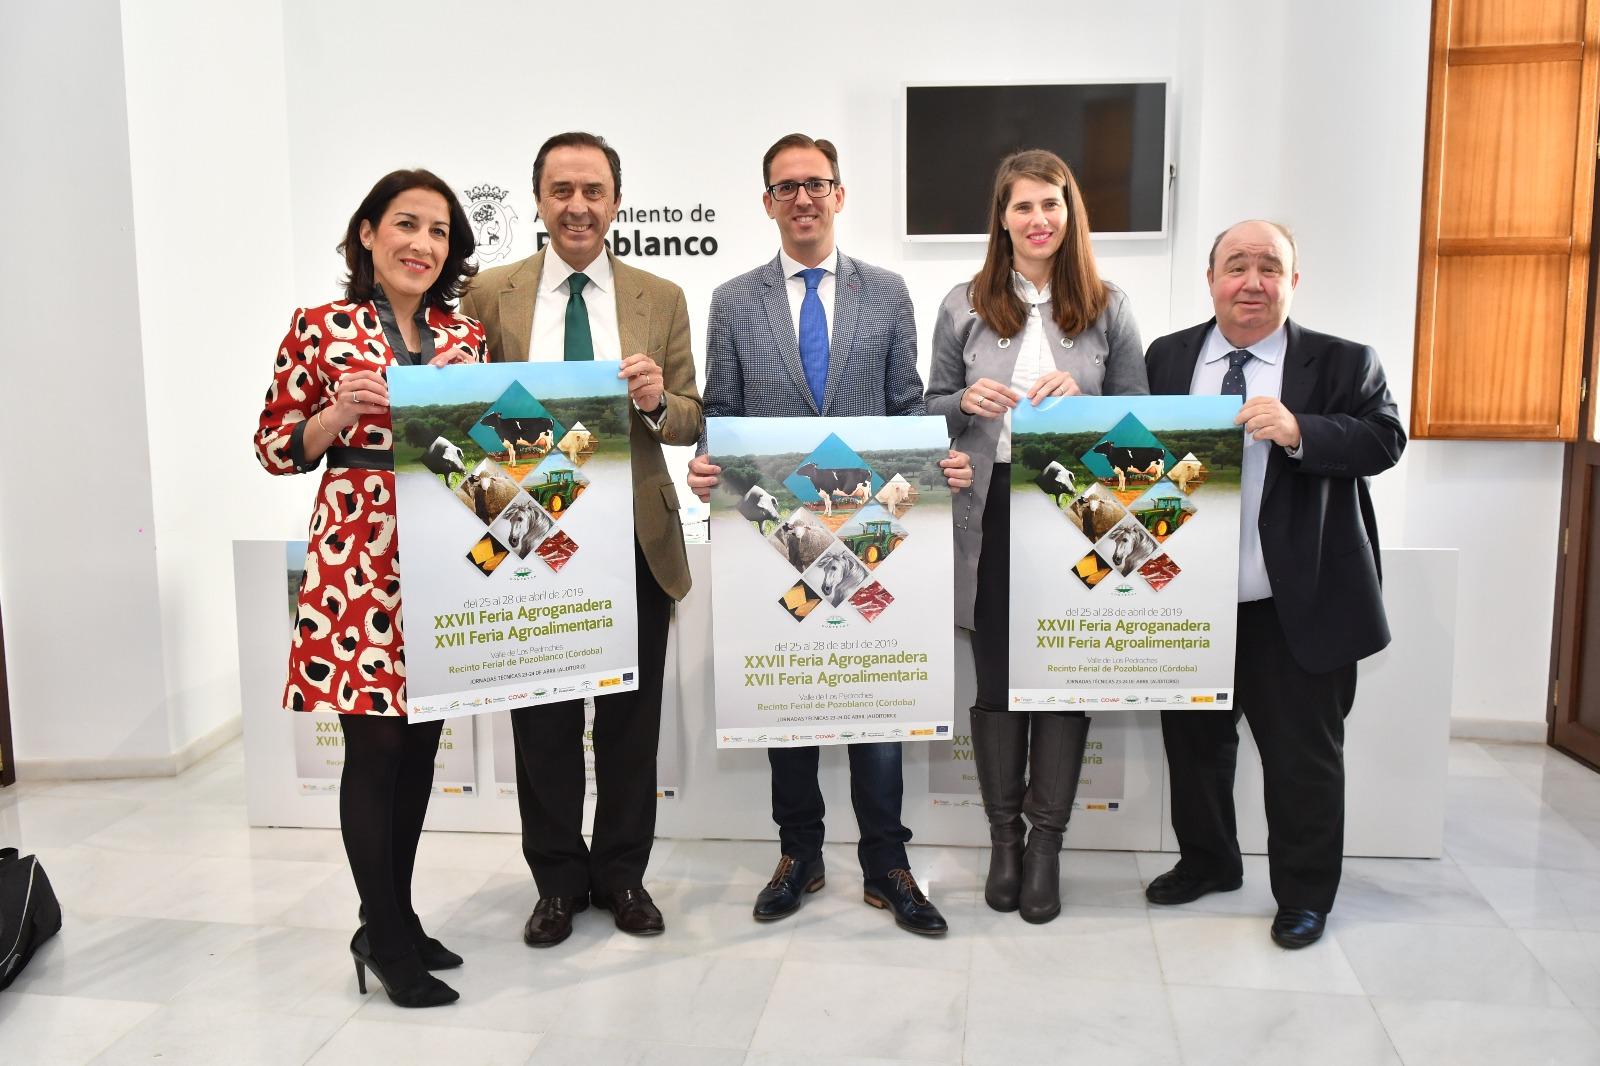 La XXVII Feria Agroganadera y XVII Agrolimentaria de Los Pedroches | COVAP